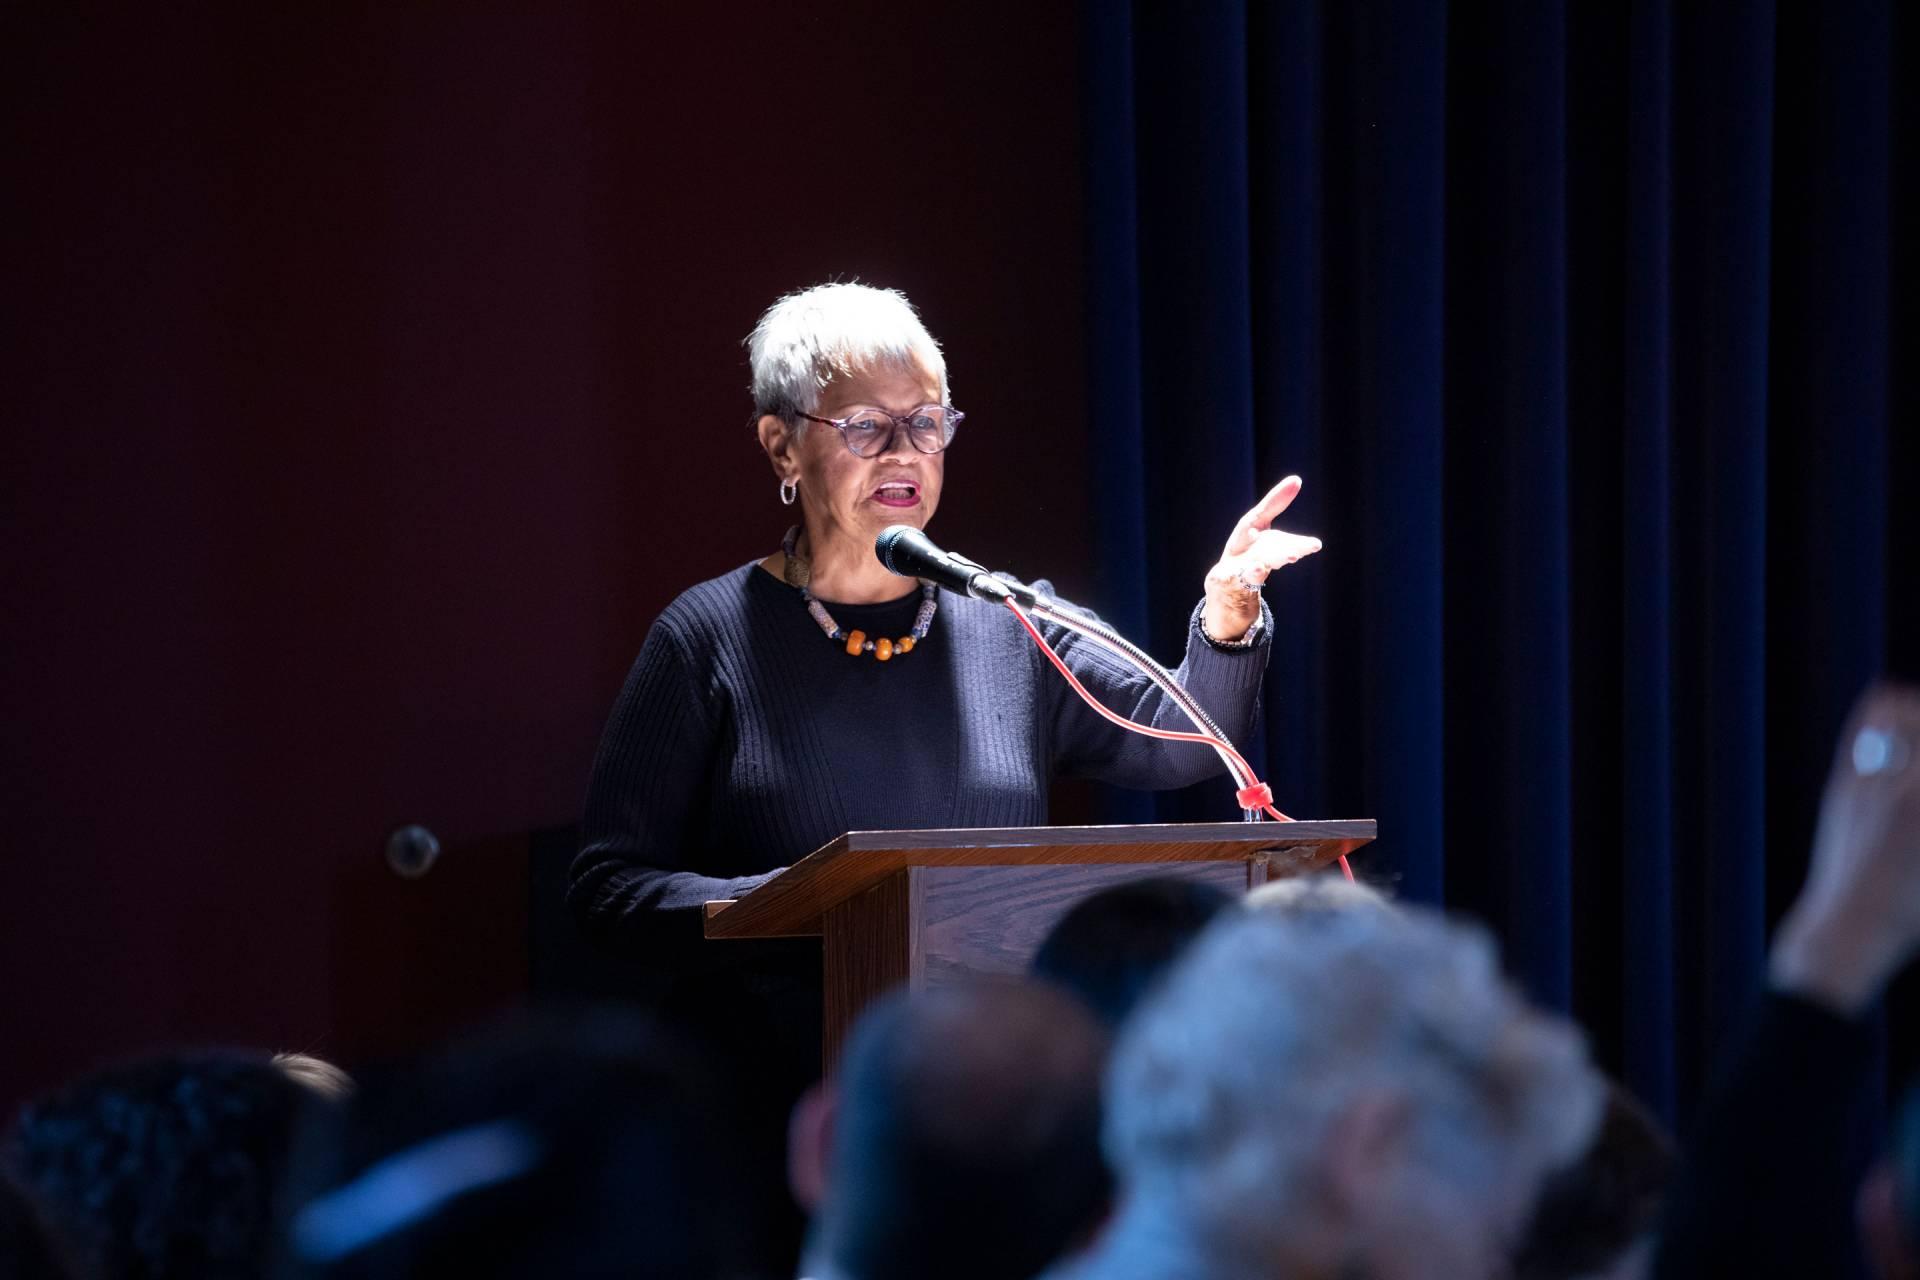 Bonnie Watson Coleman speaking at podium